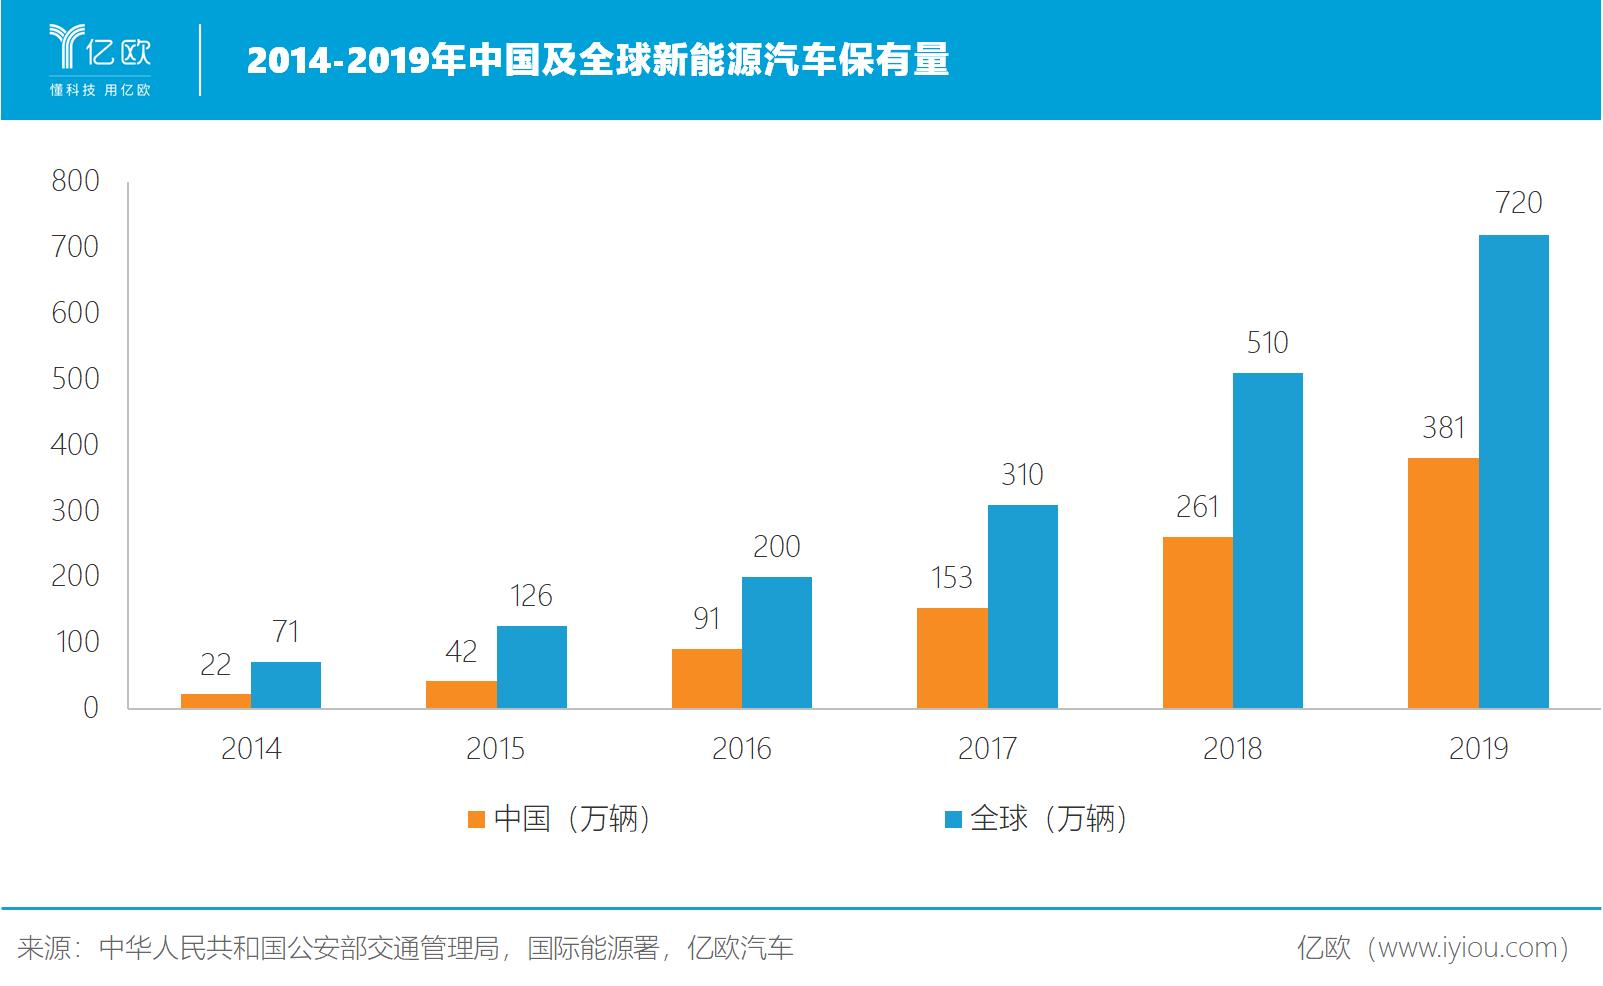 2014-2019年中国及全球新能源汽车保有量